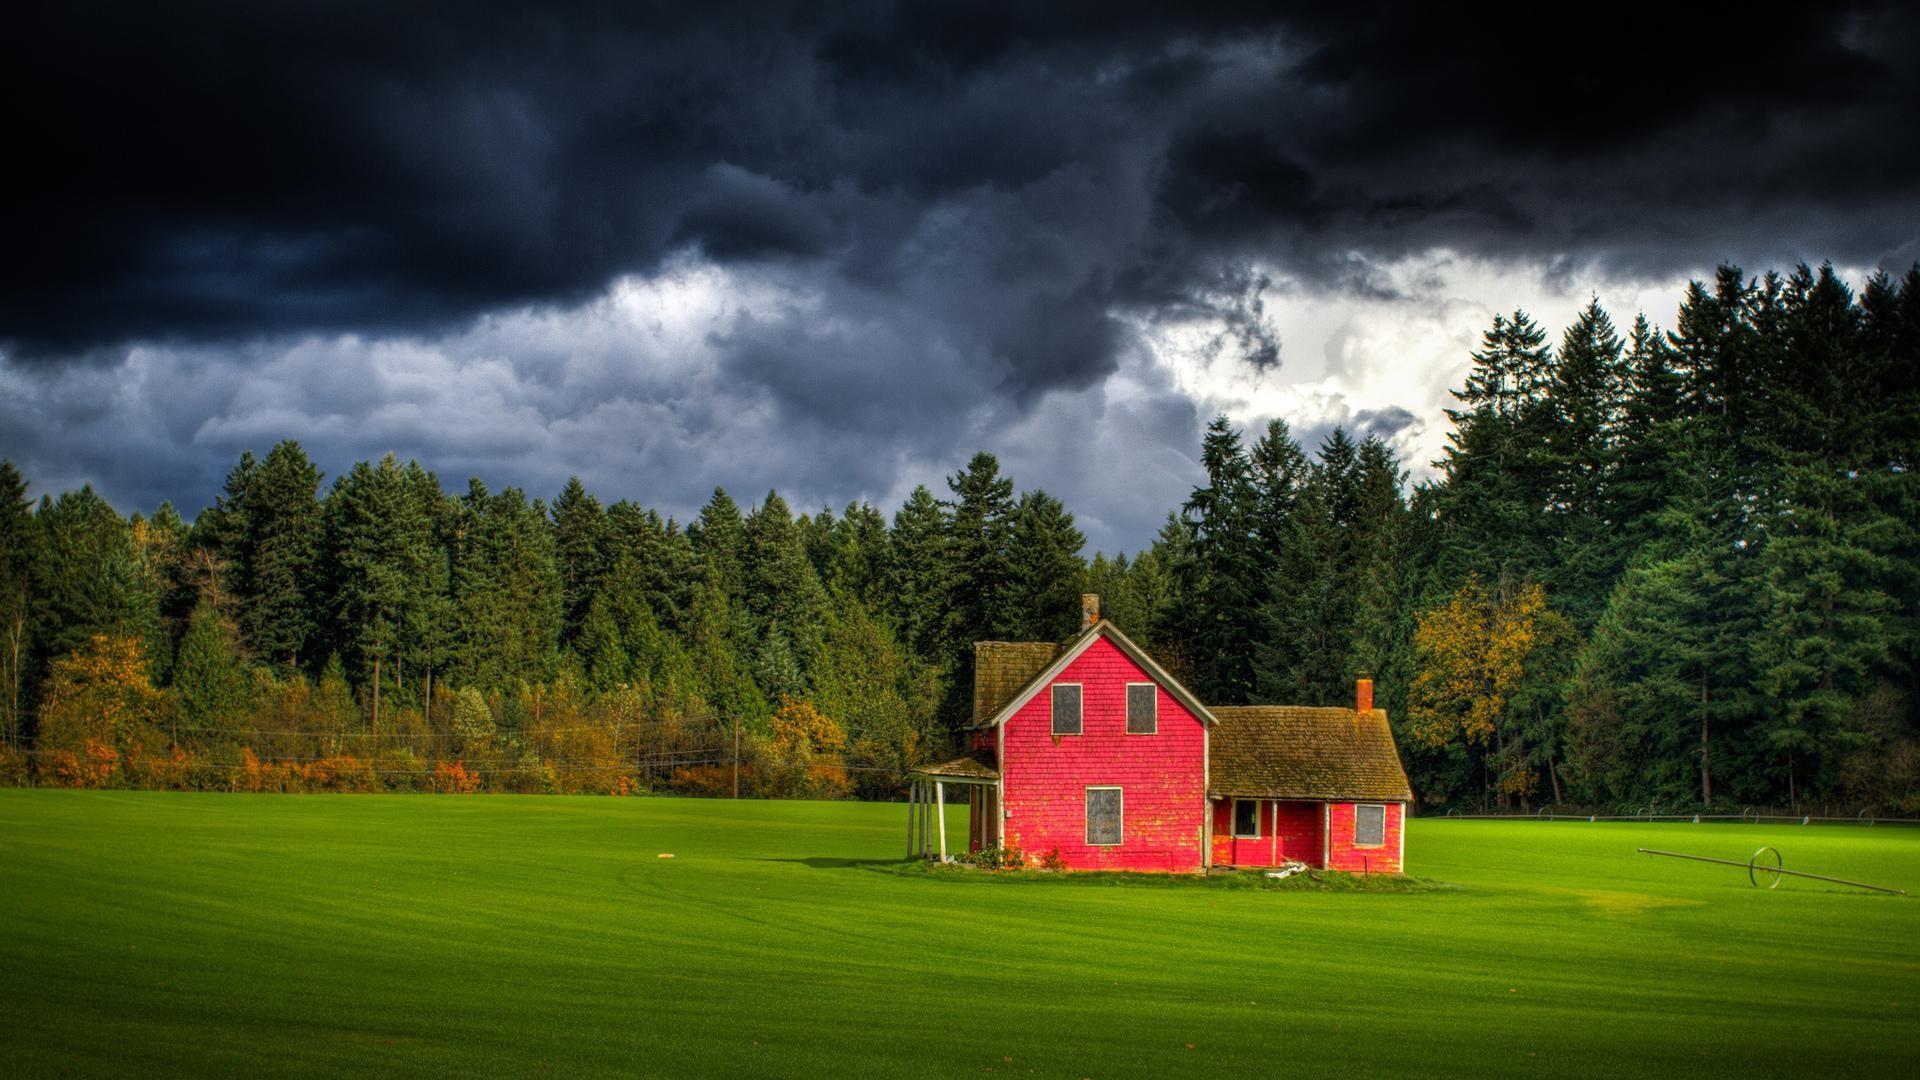 Farmhouse Wallpapers HD   PixelsTalk.Net